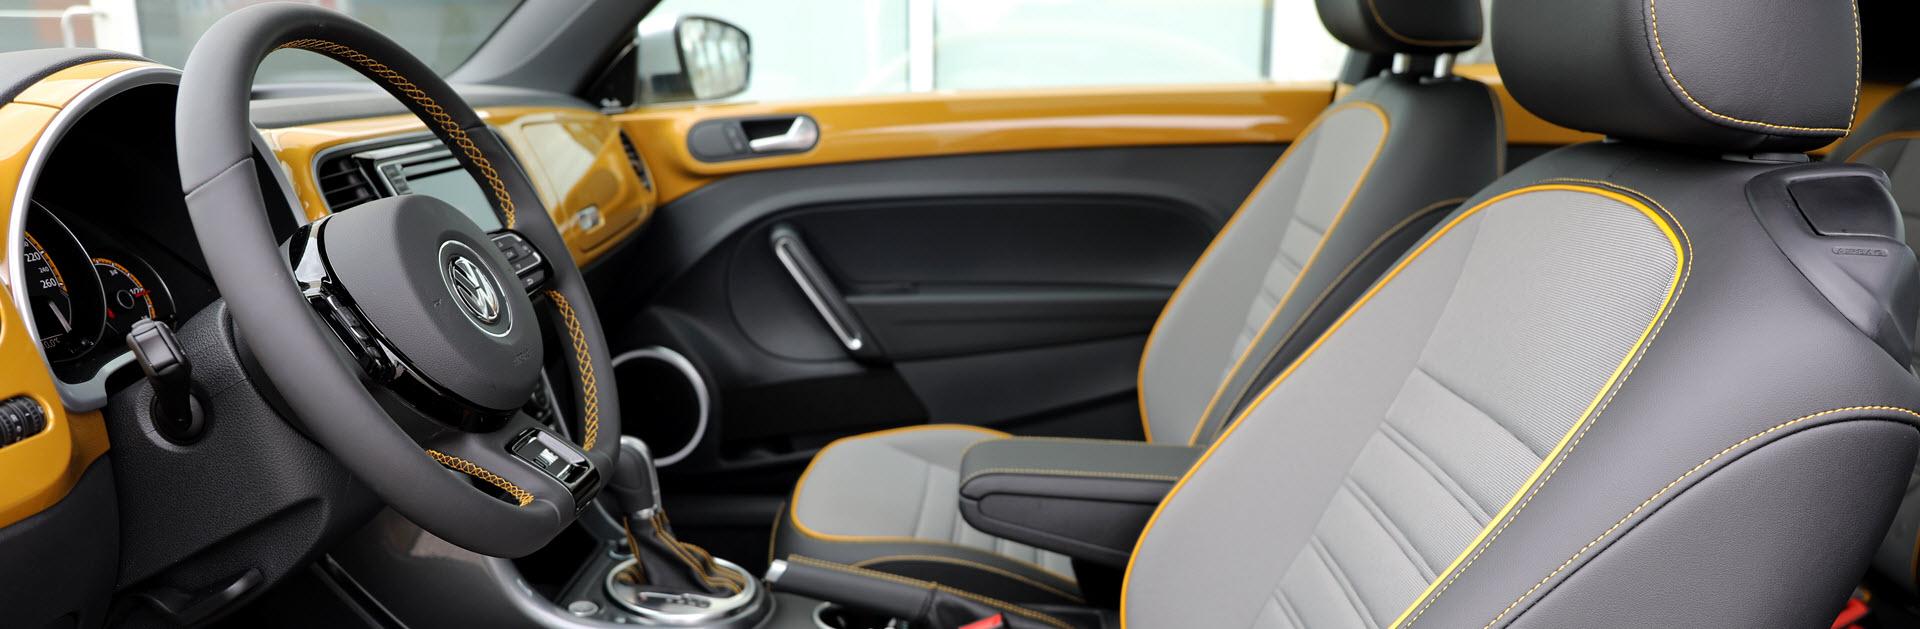 Detailing VW 1